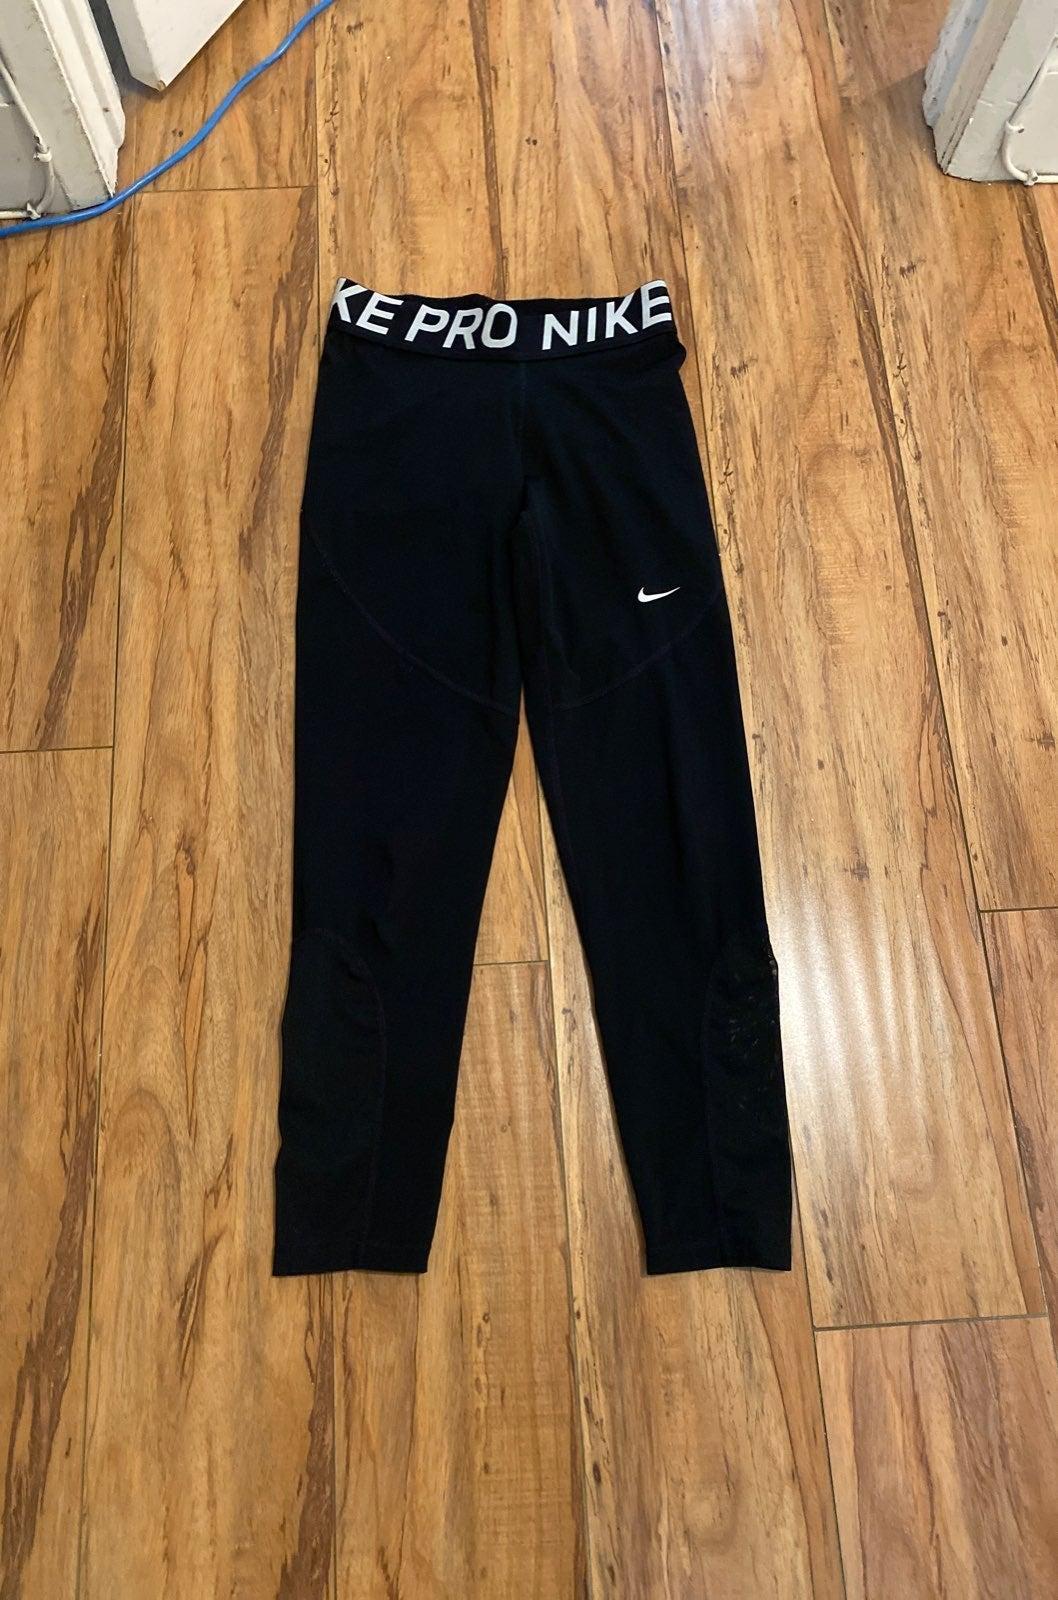 Black Nike Pro Leggings 7/8th size MEDIU